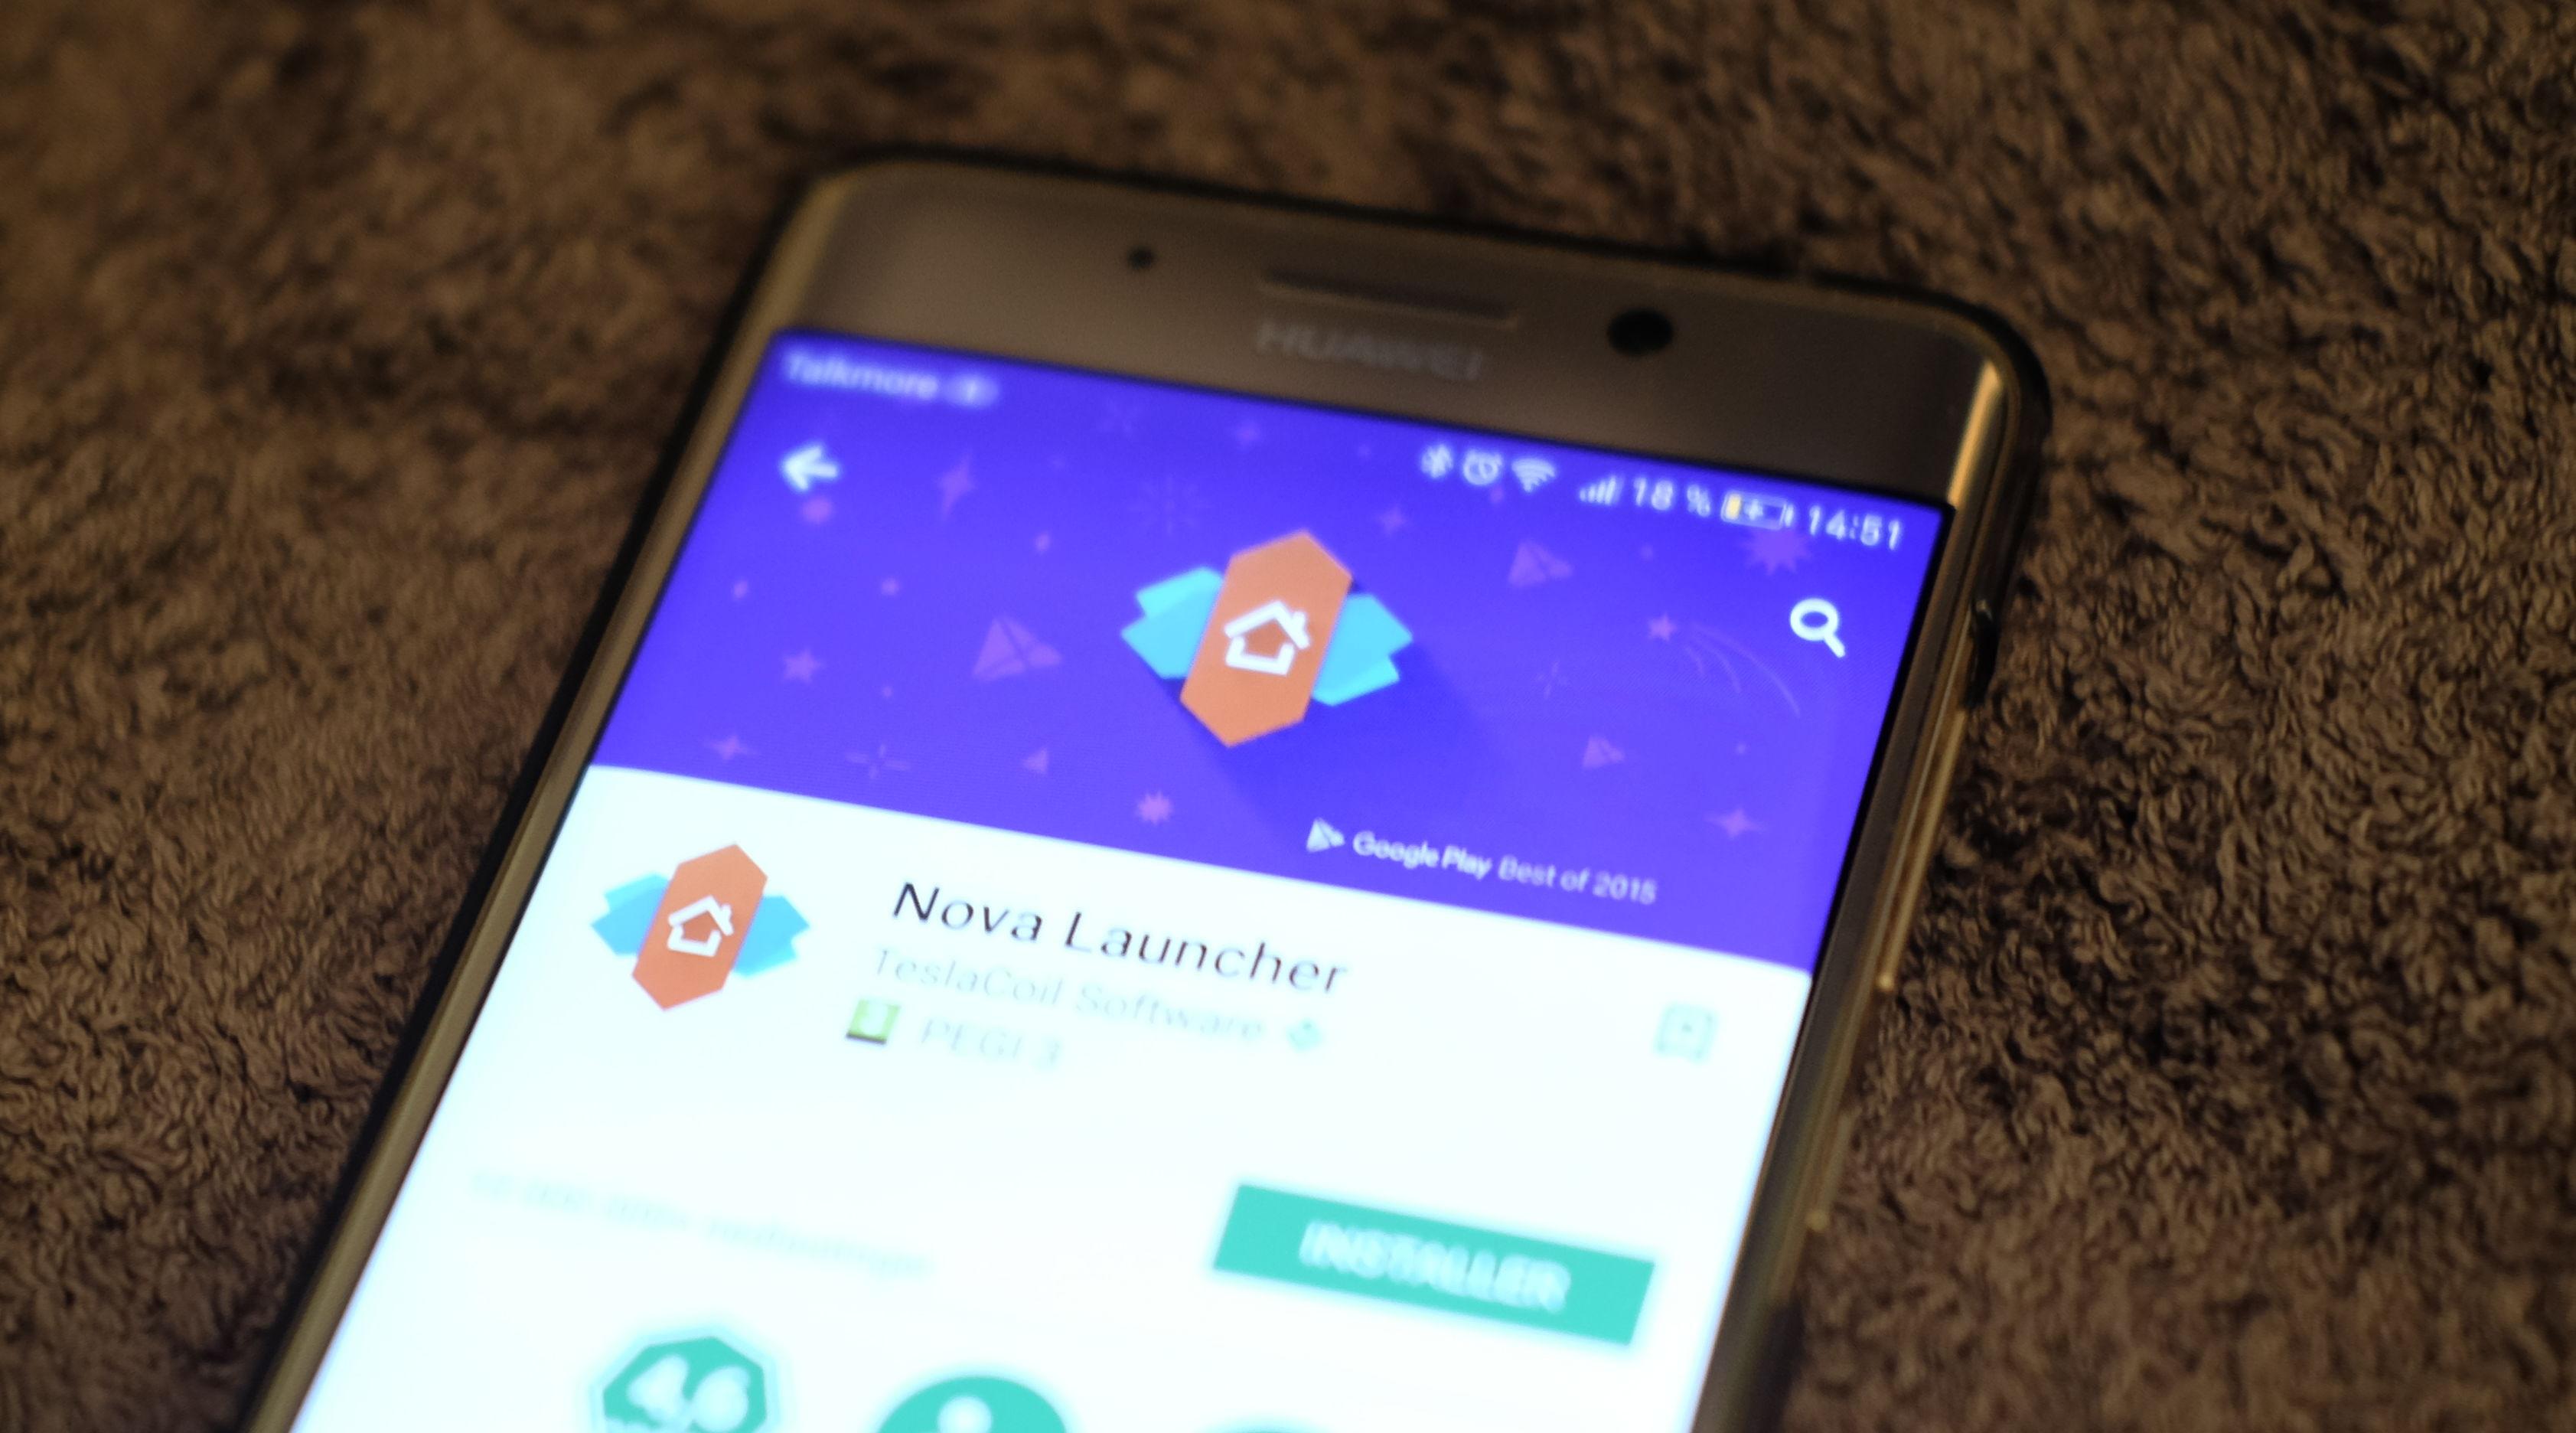 Nova Launcher er nå tilgjengelig i versjon 5.0.